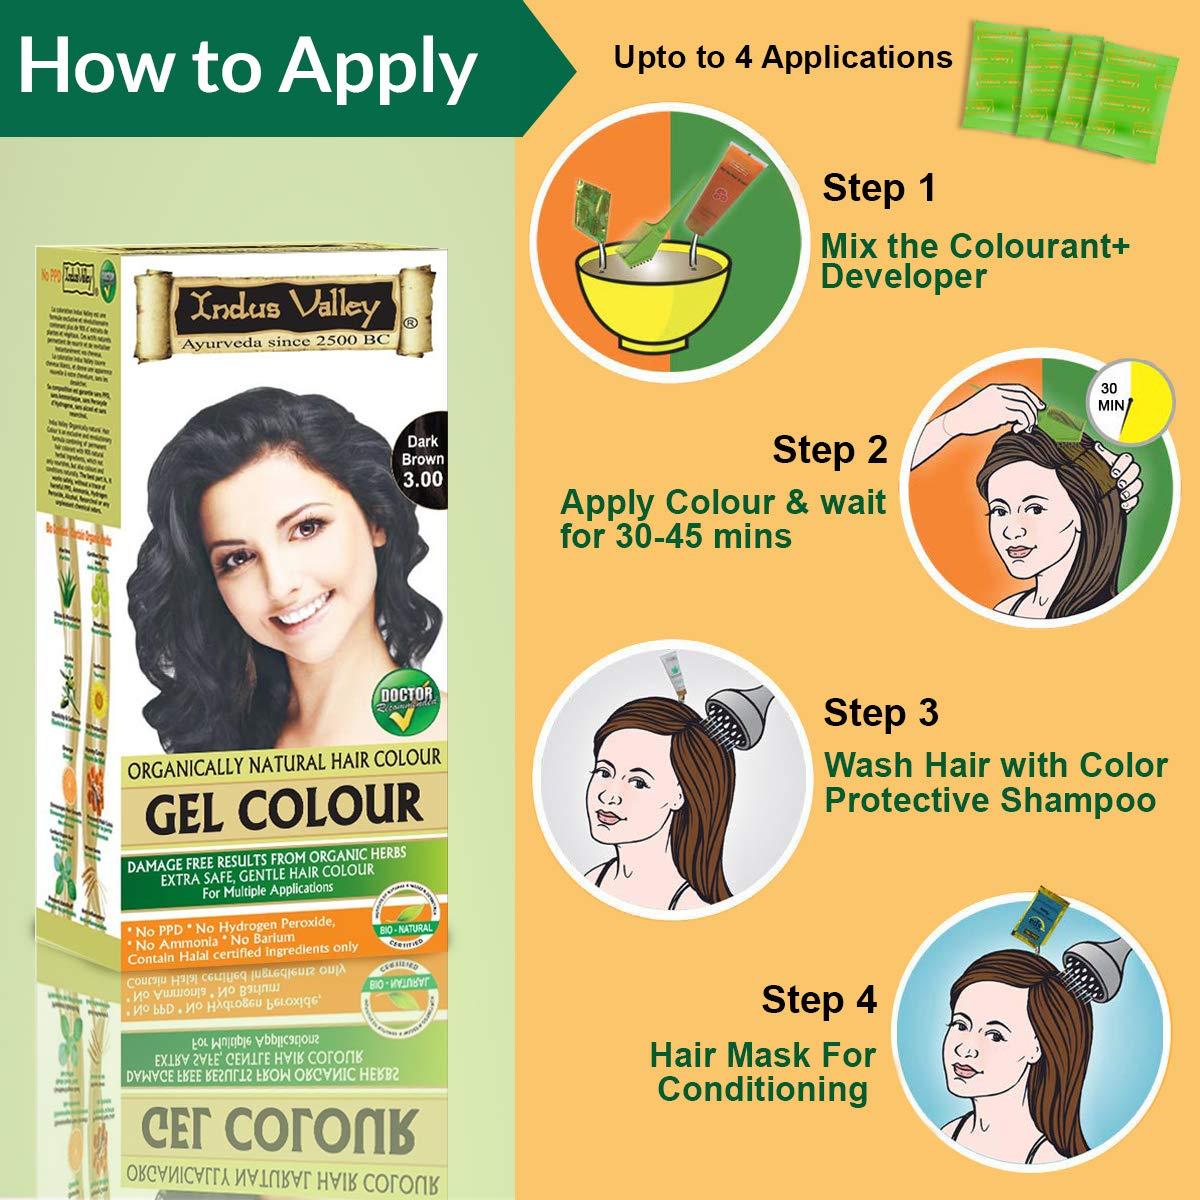 Indus Valley Permanent Herbal Gel Hair Colour Dark Brown